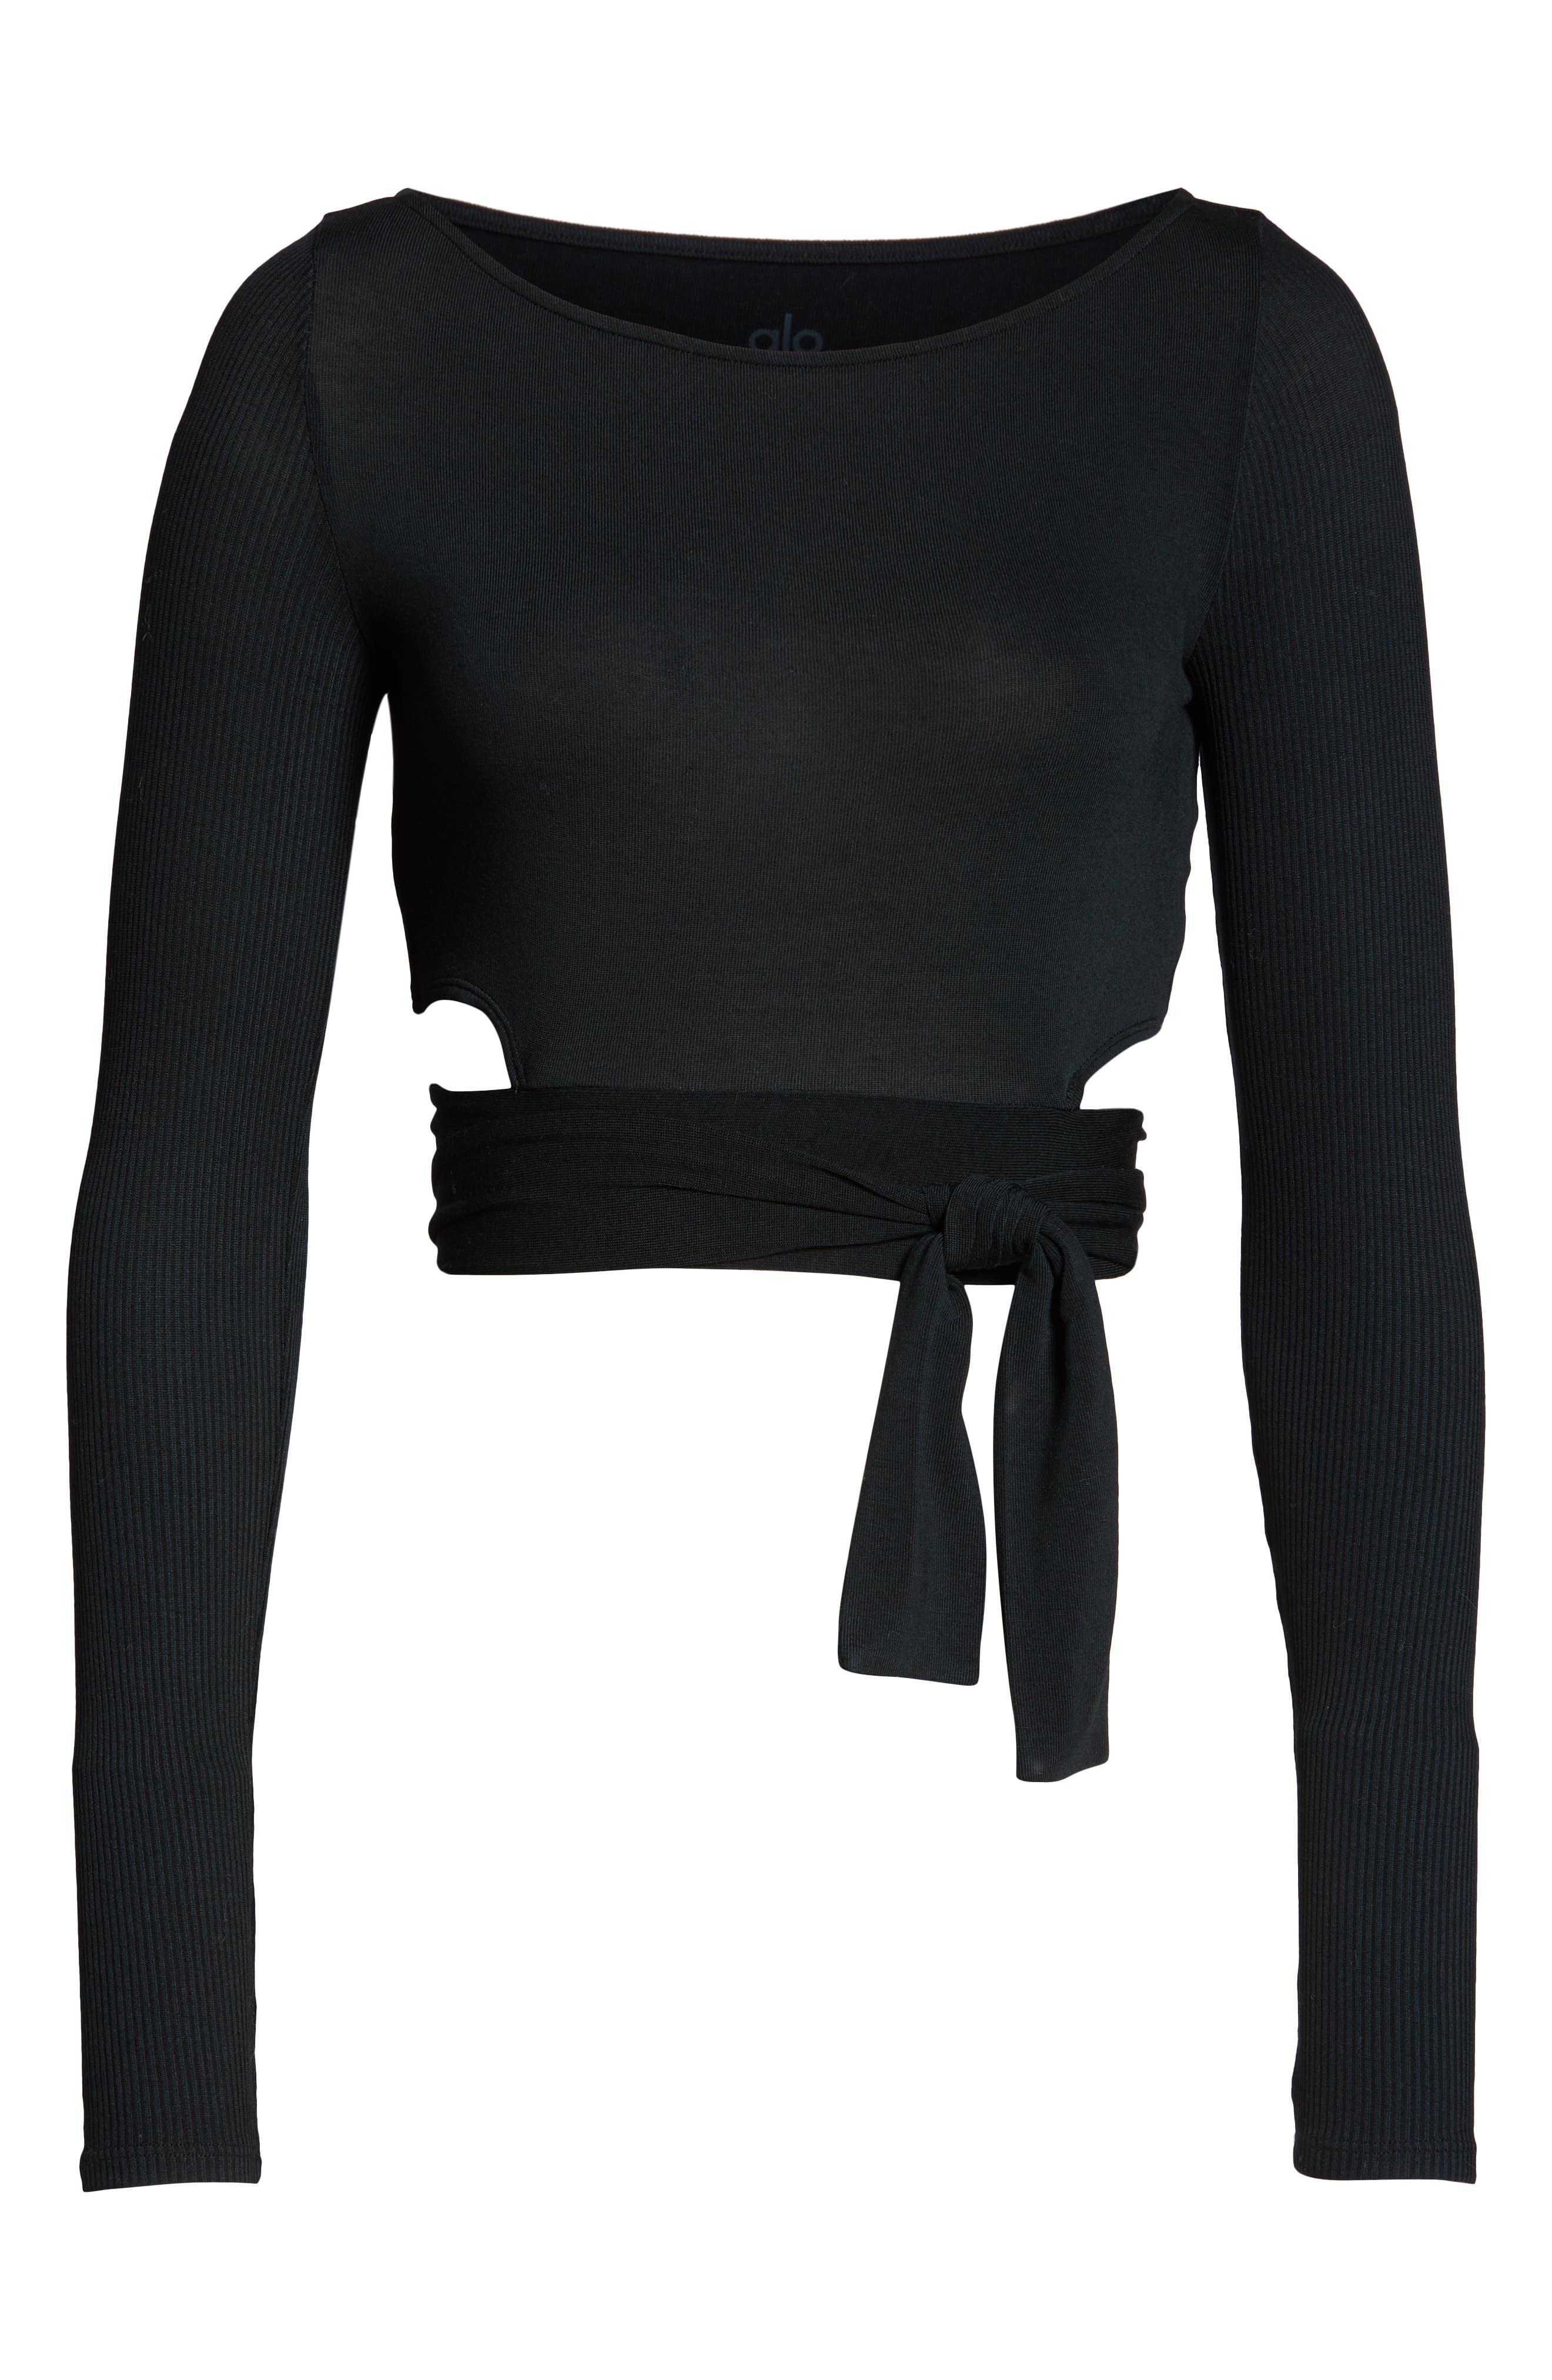 ALO, Barre Long Sleeve Top, Alternate thumbnail 7, color, BLACK